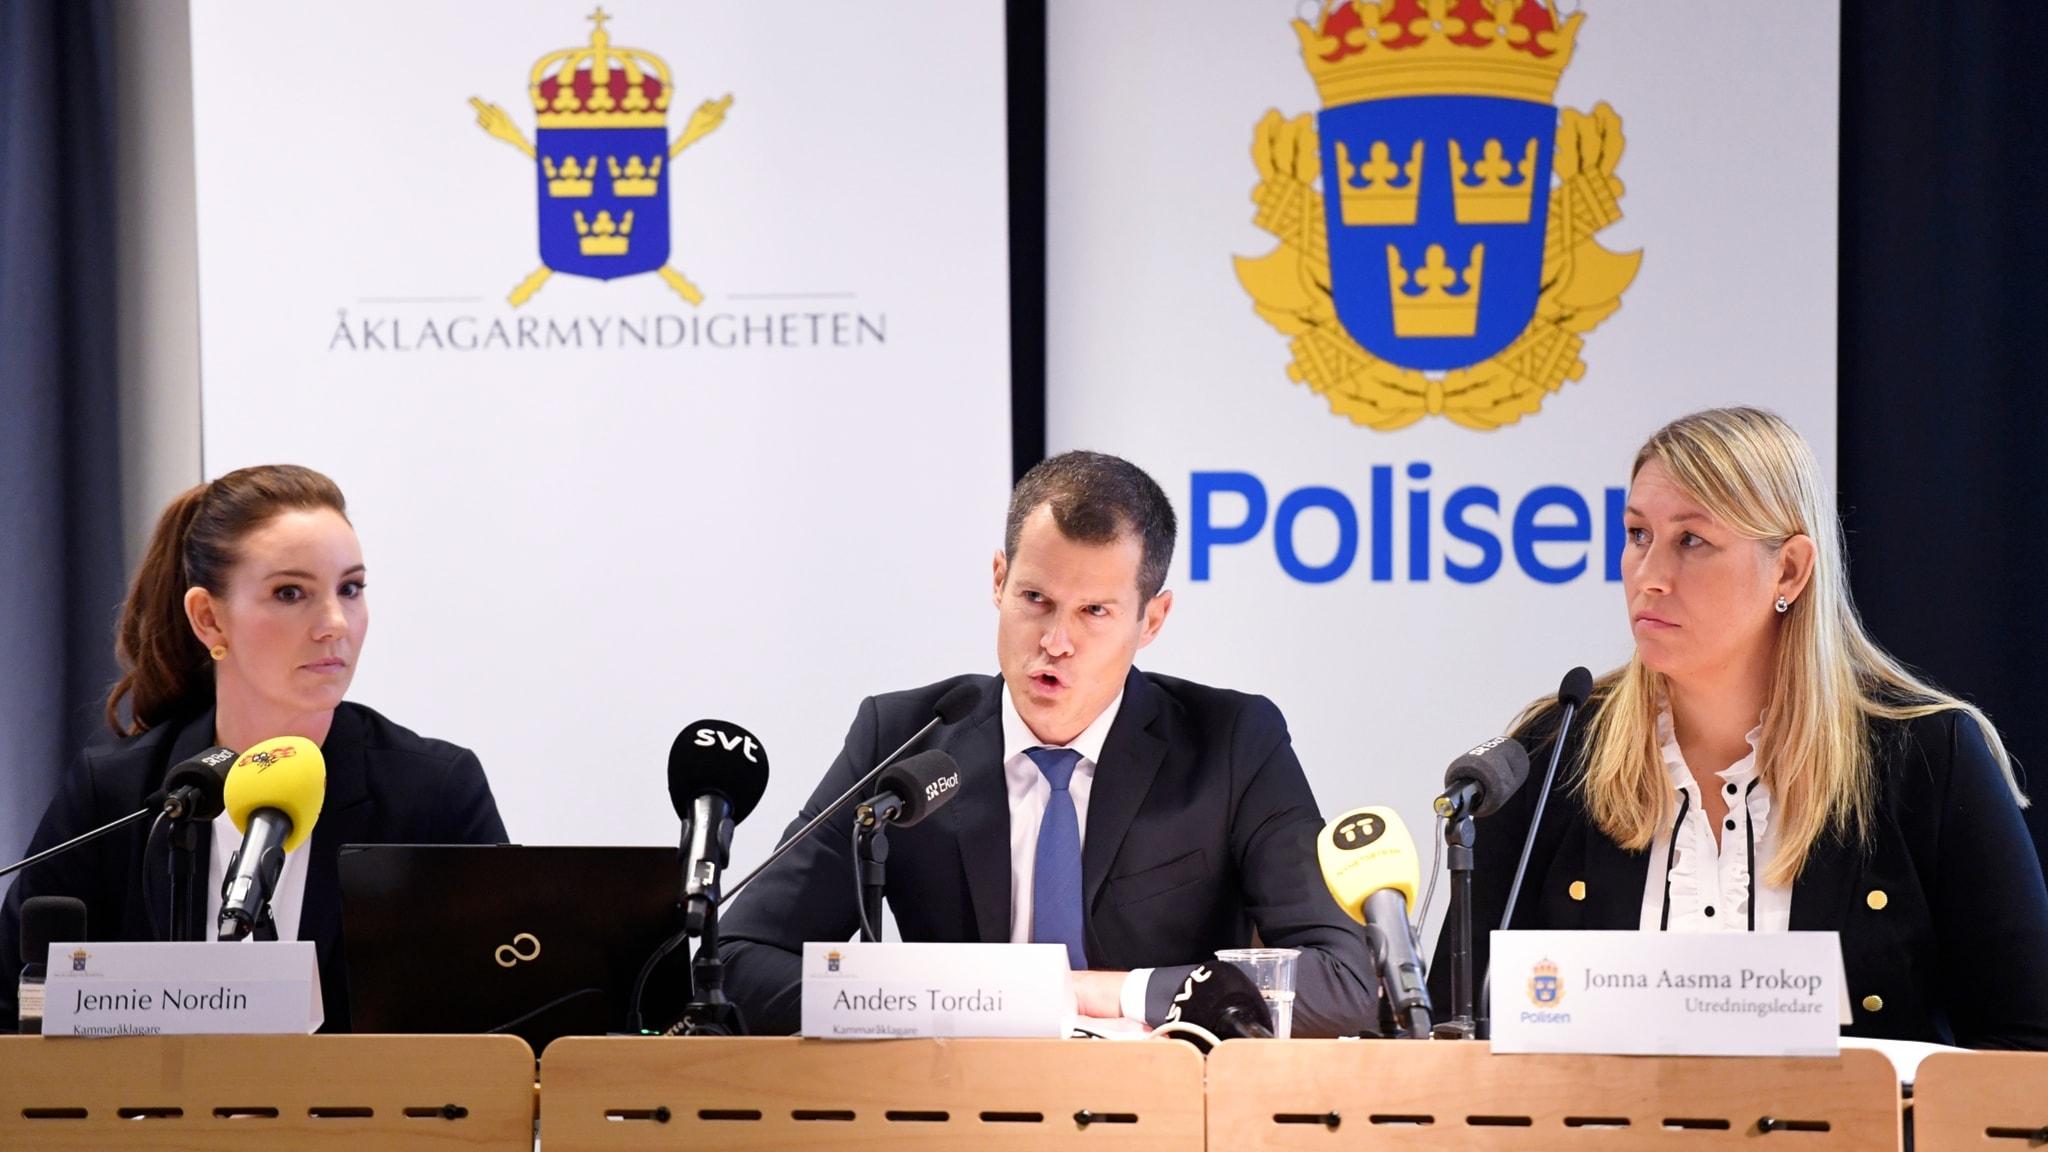 Scandal surgeon avoids prosecution, a Nobel 'Nudge' & golden spurtle triumph